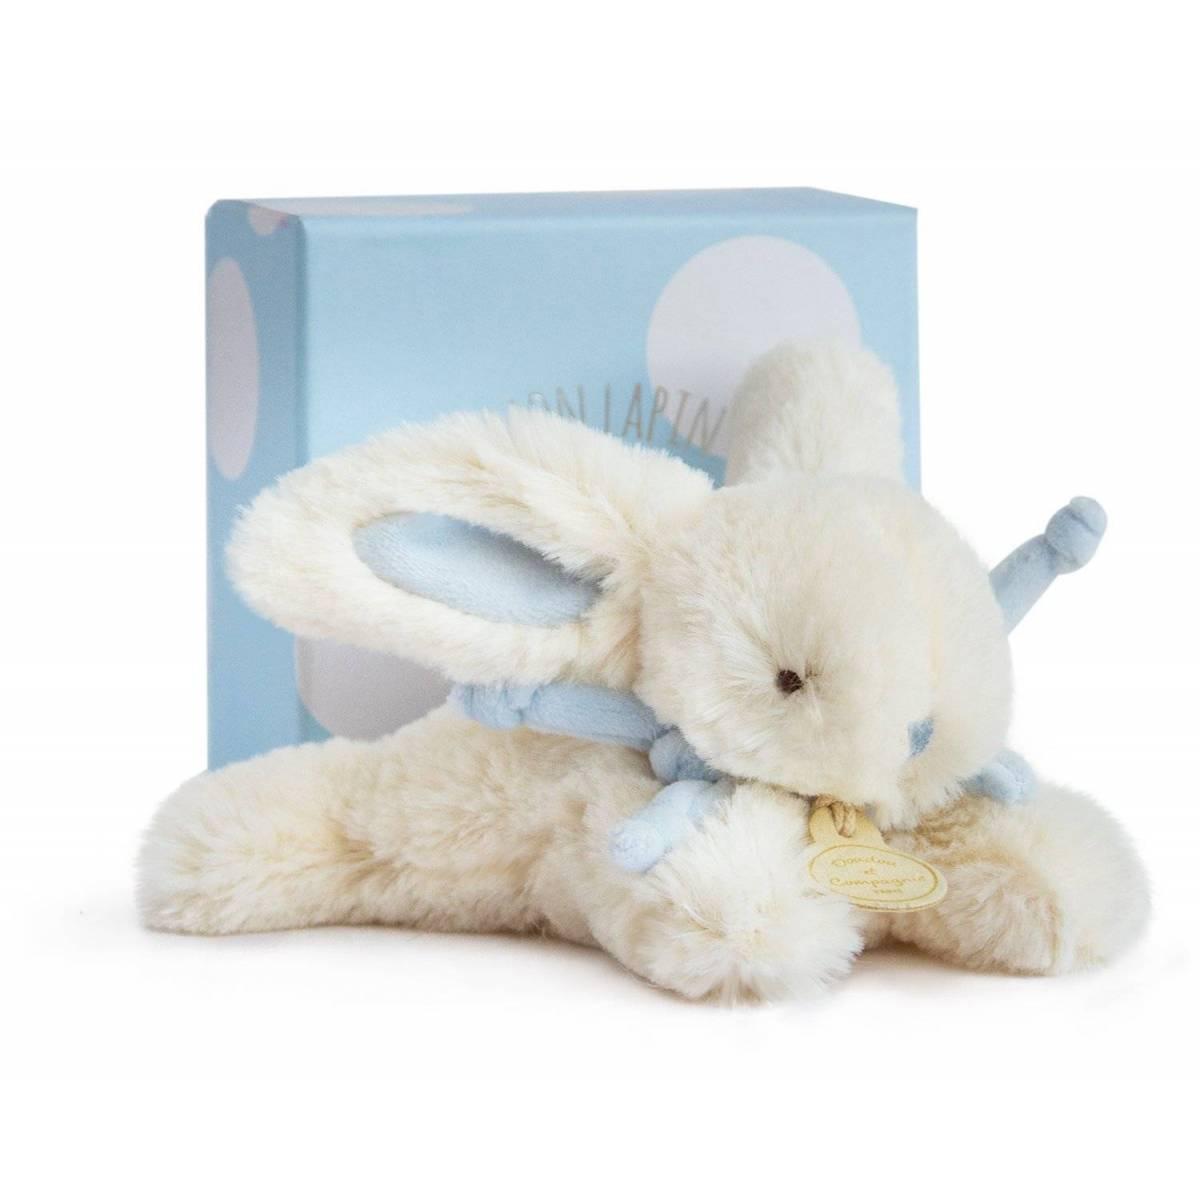 Doudou et Compagnie - Lapin Bonbon Bleu - 16 cm